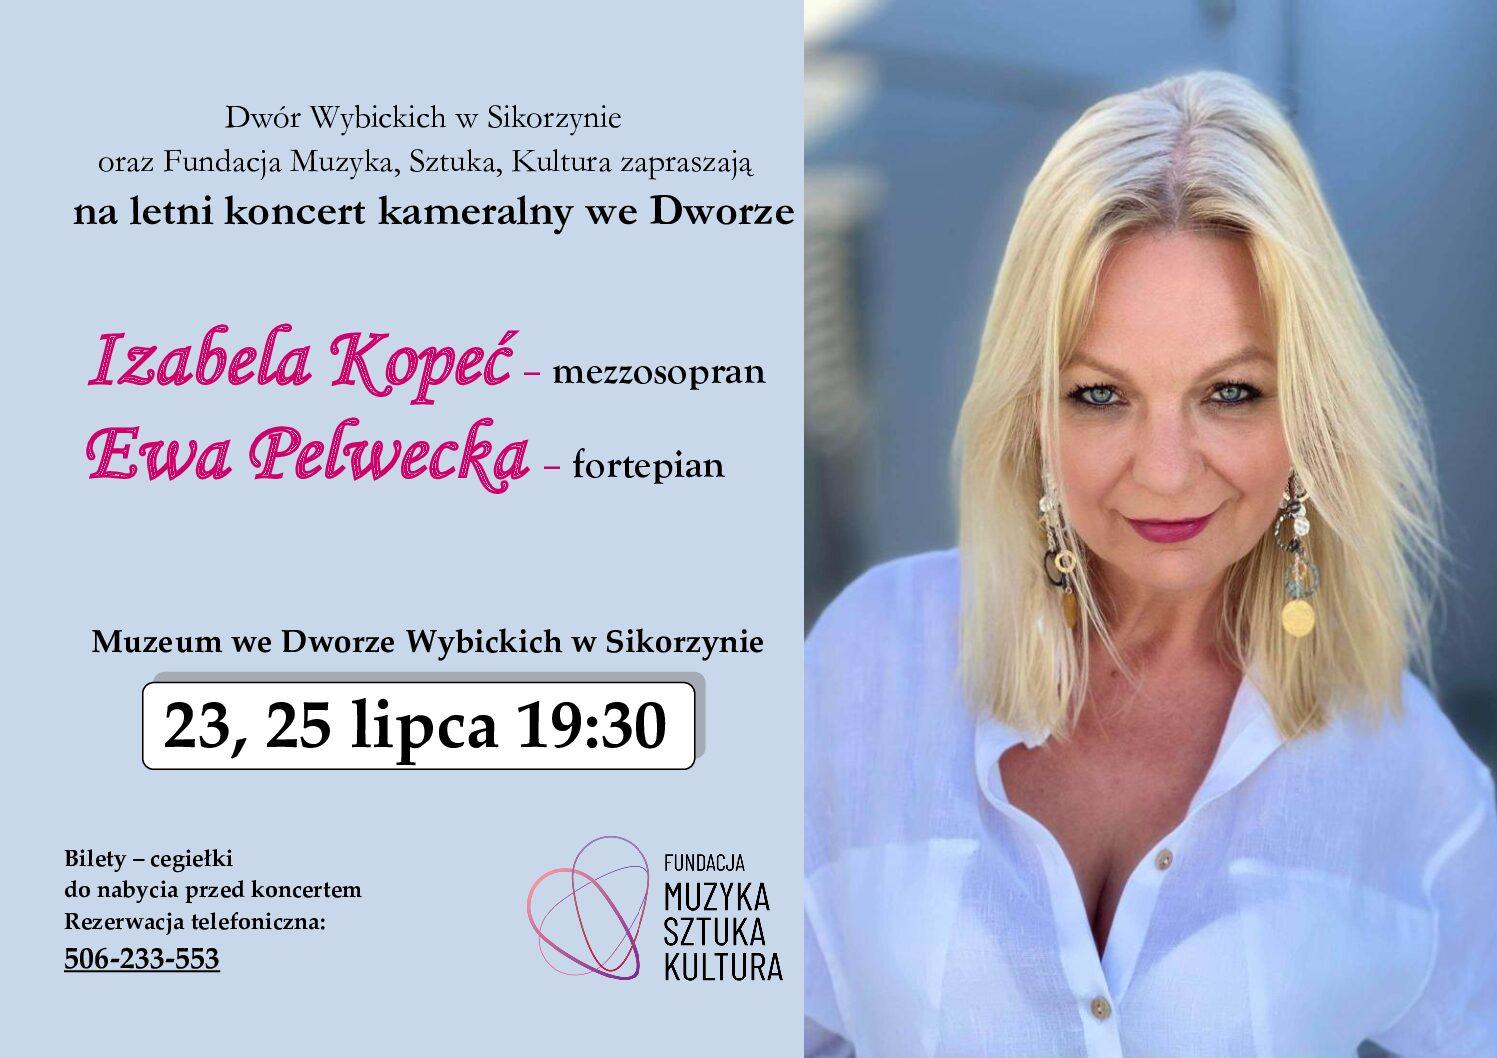 Letni koncert we Dworze Wybickich – cz. 2